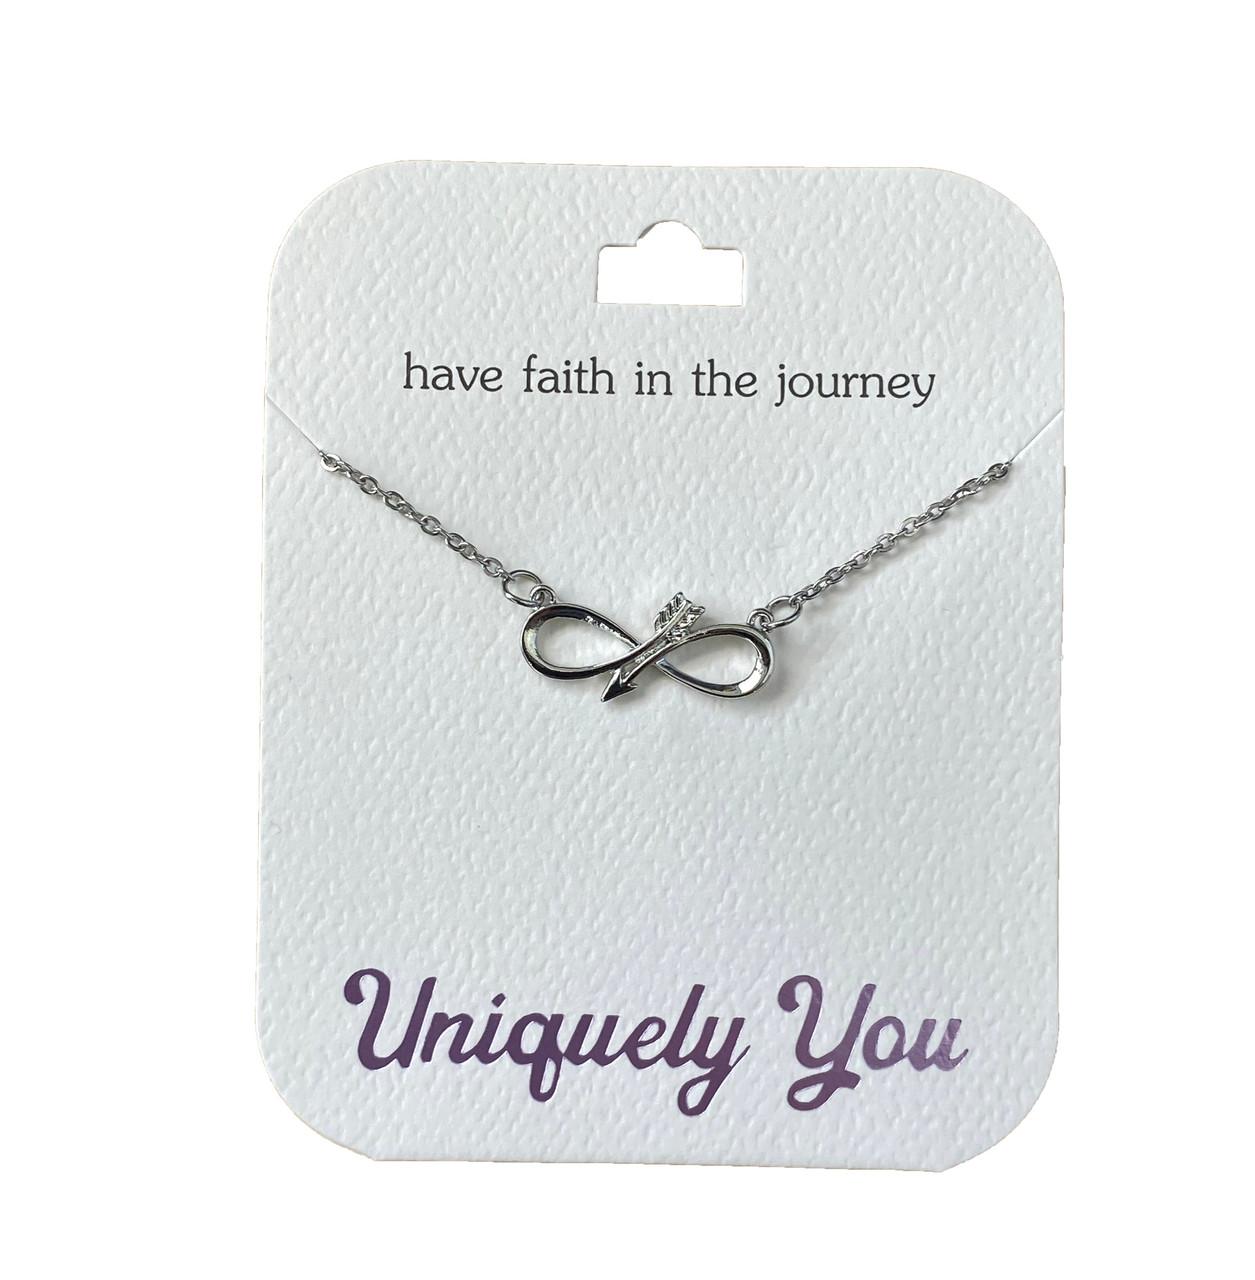 YOU4019 Uniquely You Pendant, Have faith